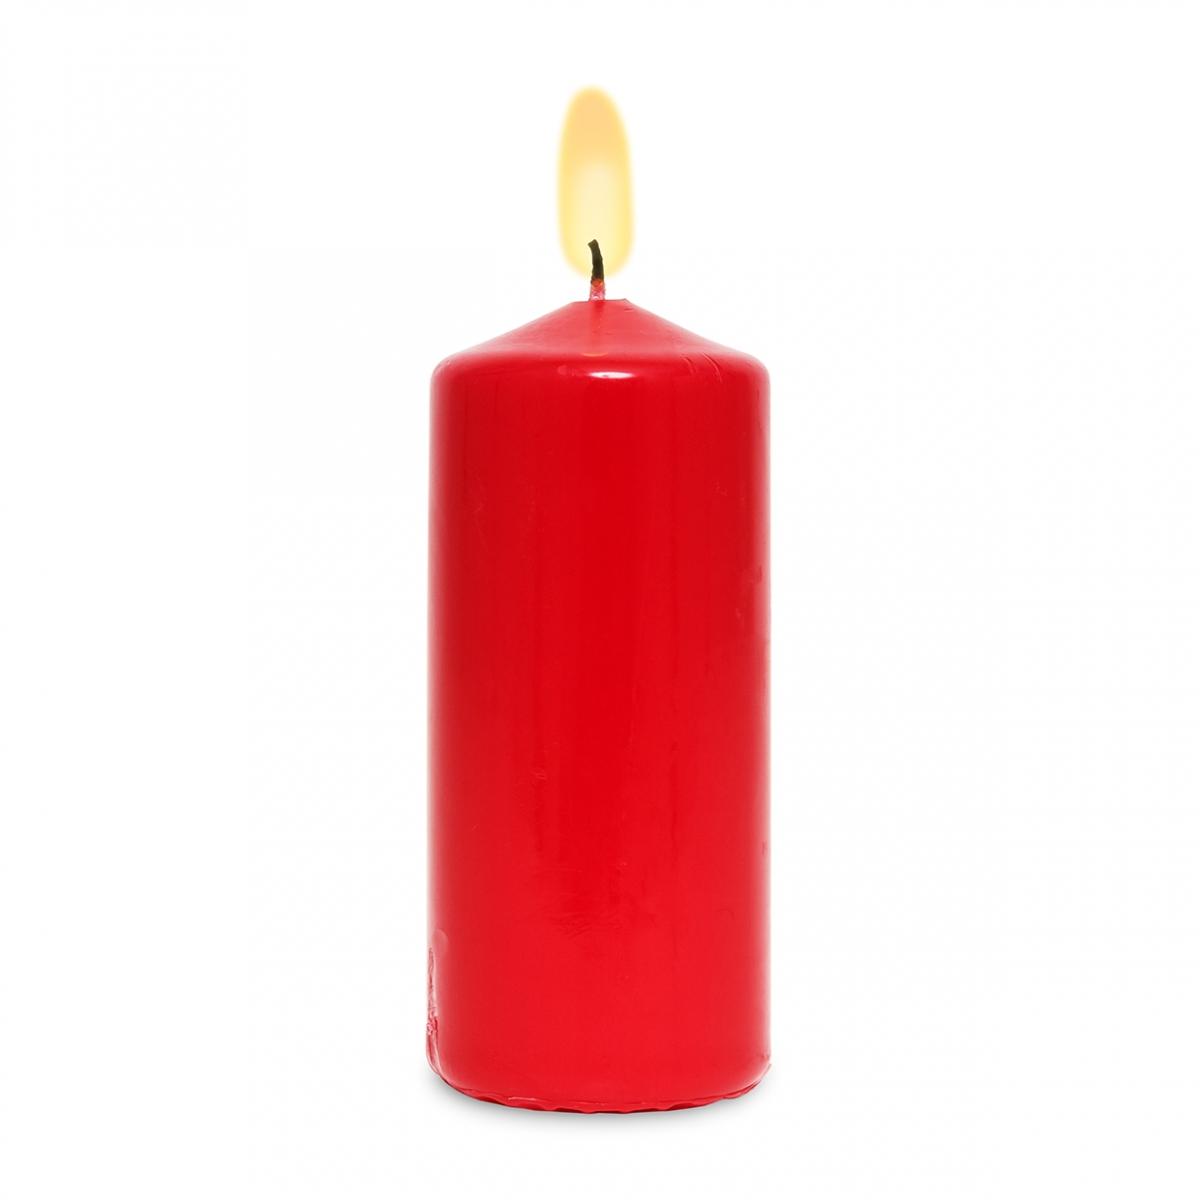 Imagen en la que se ve una vela